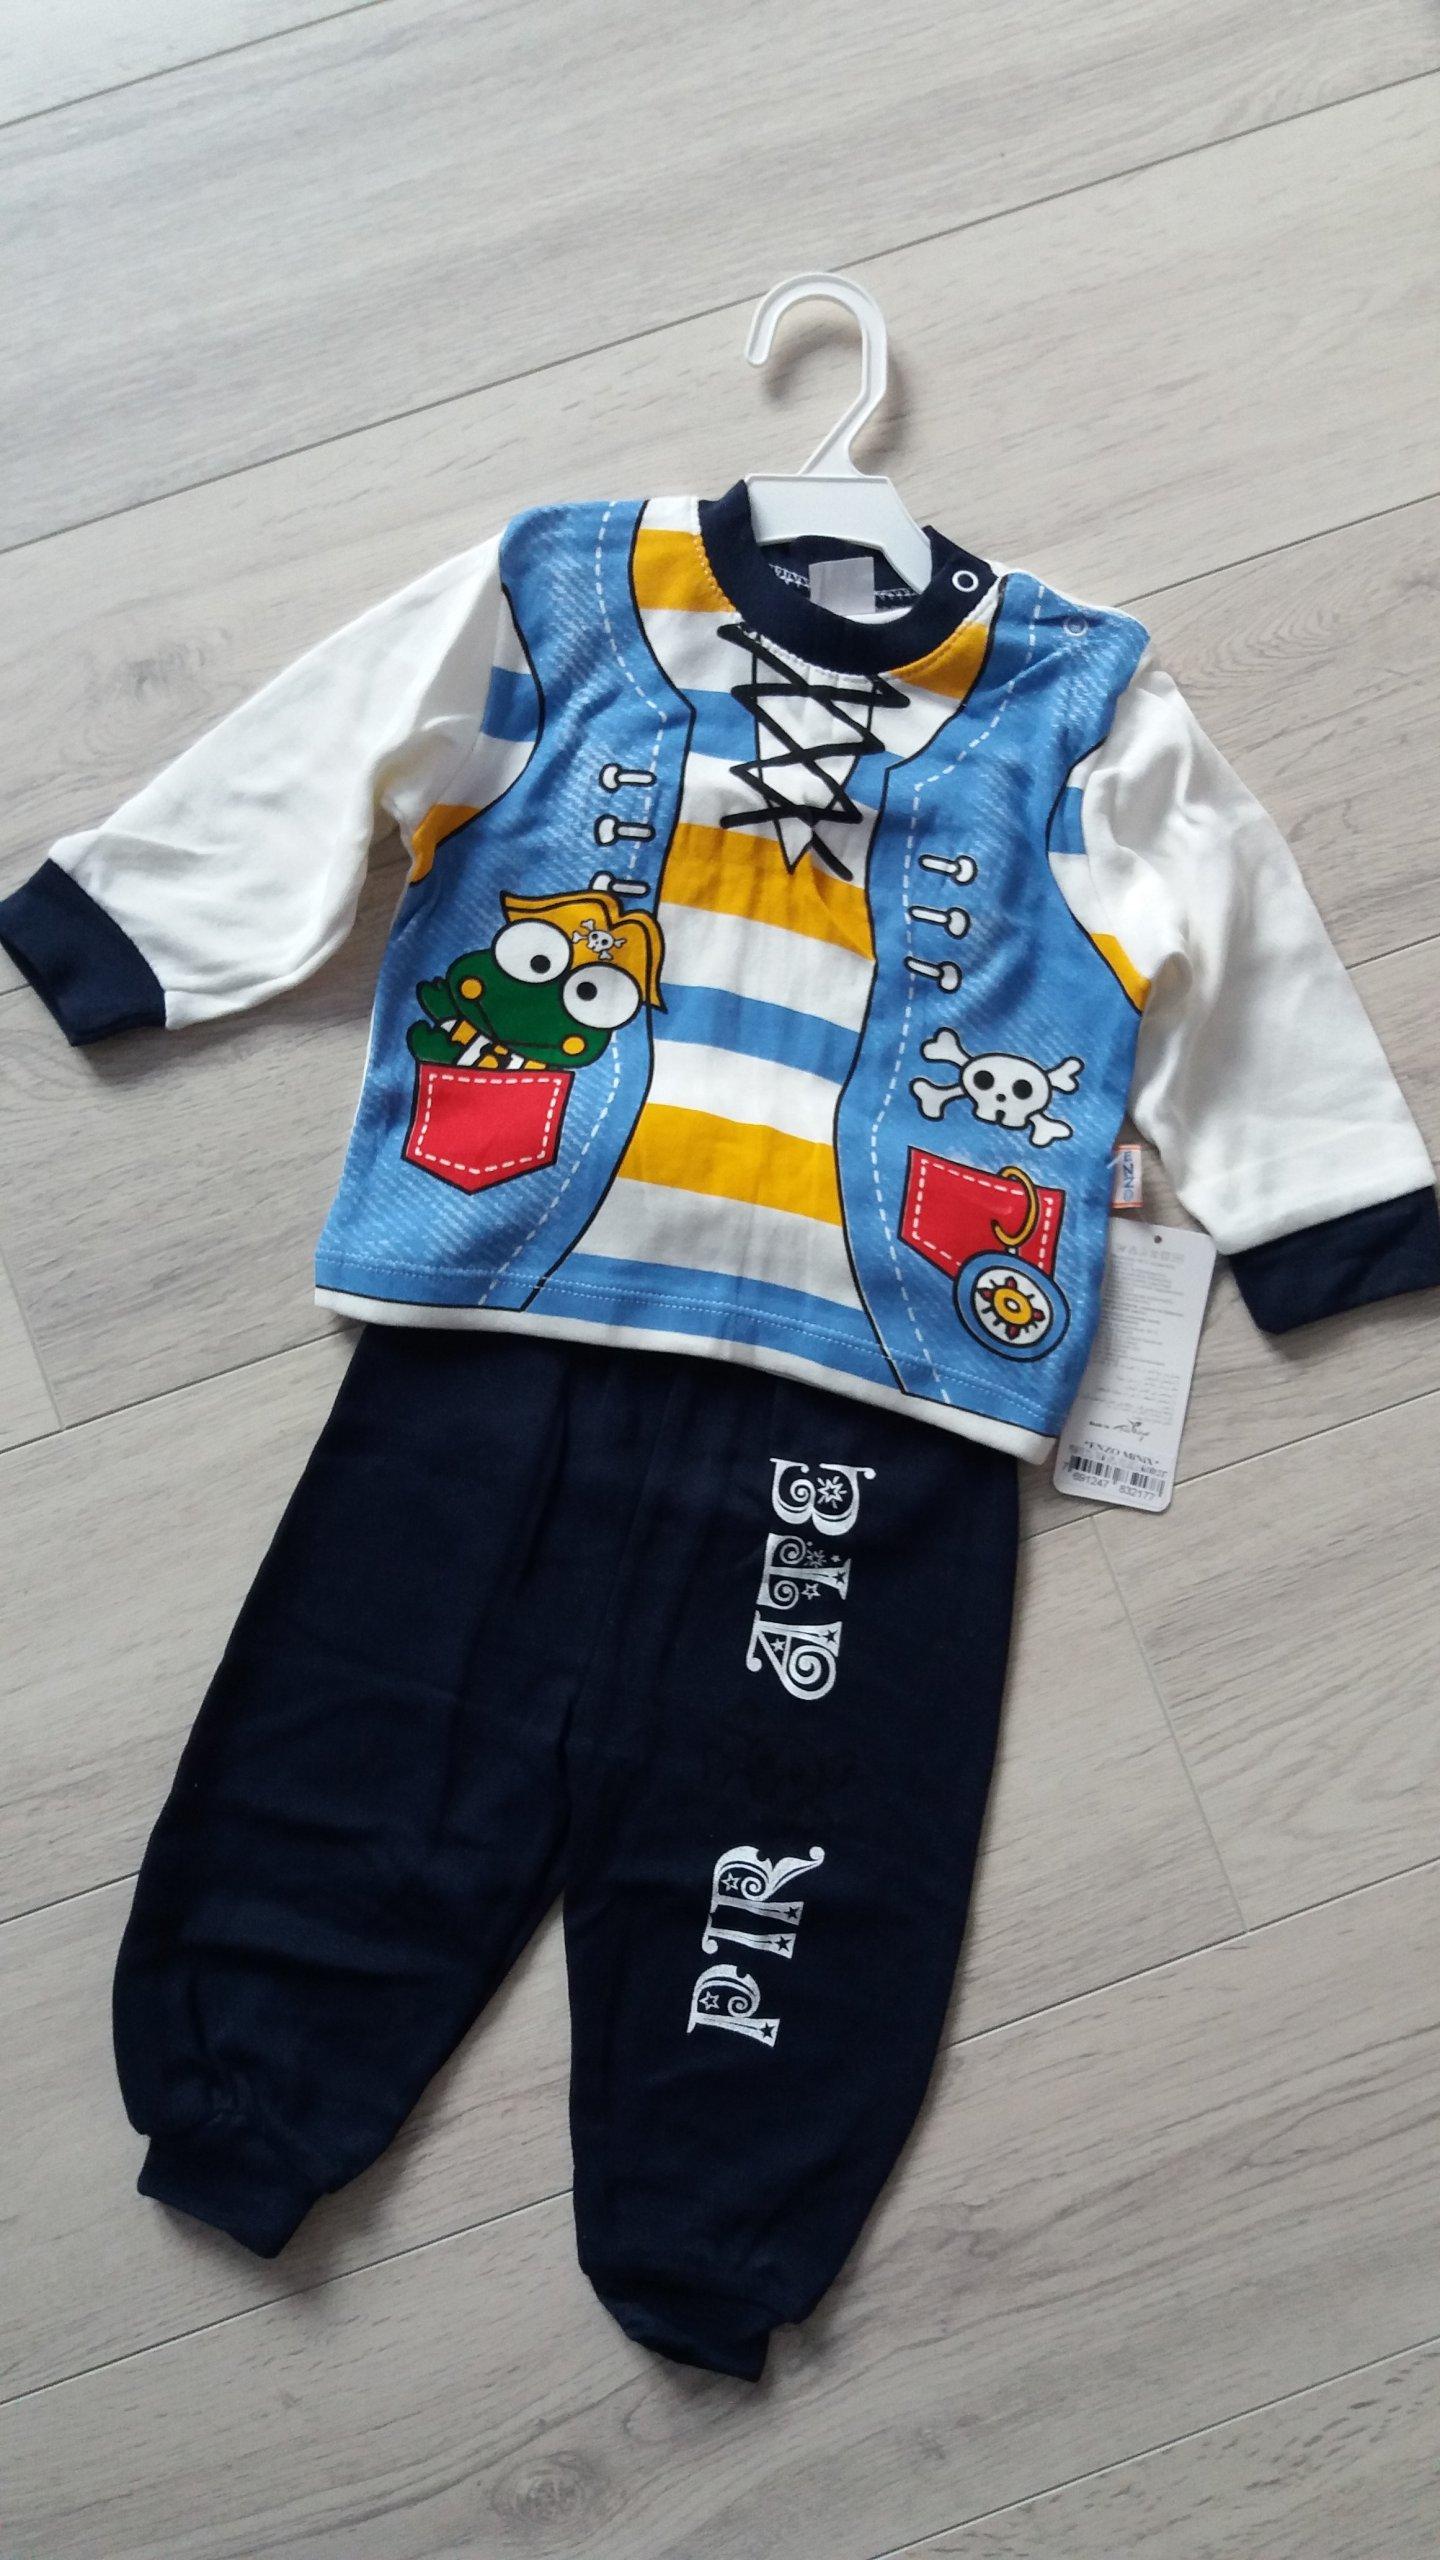 Komplet chłopięcy spodnie bluzka PIRAT 80 12 m